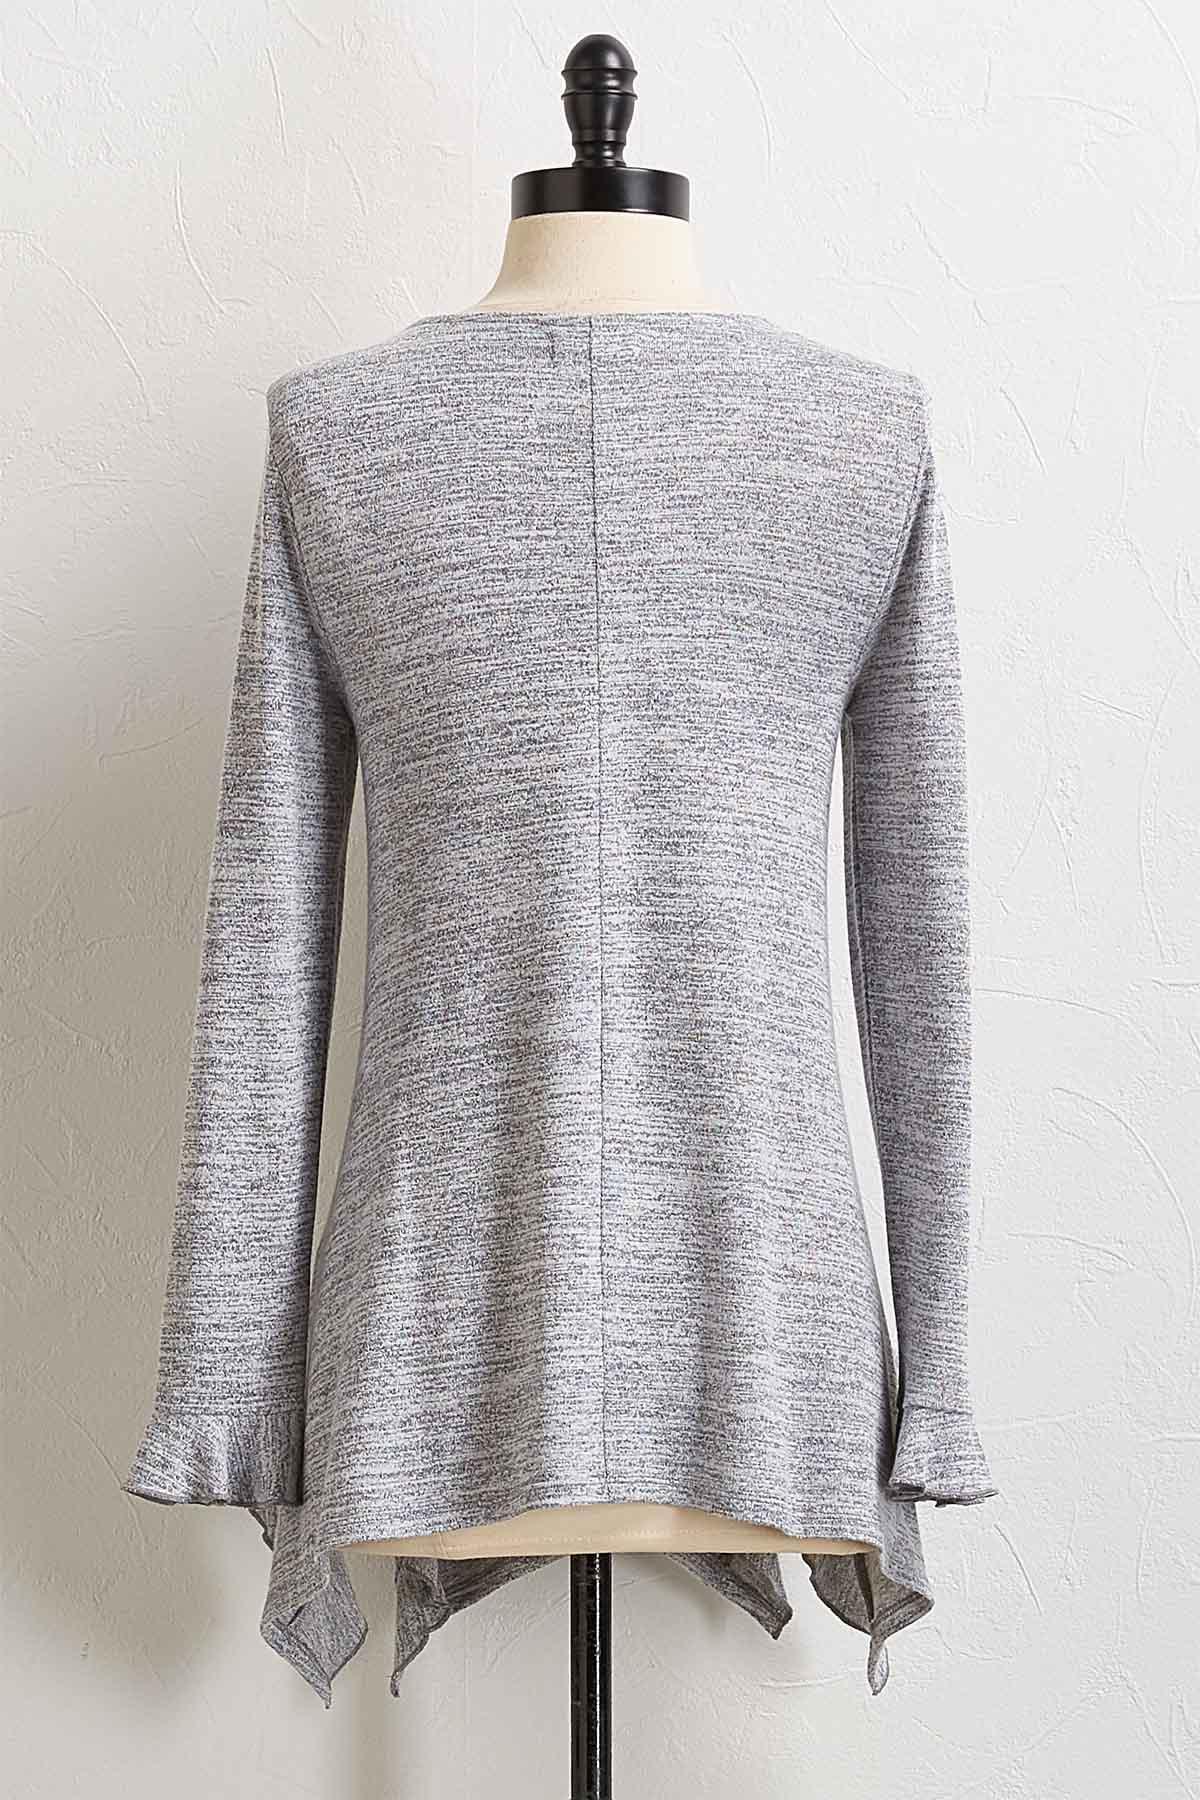 Ruffled Gray Sweater